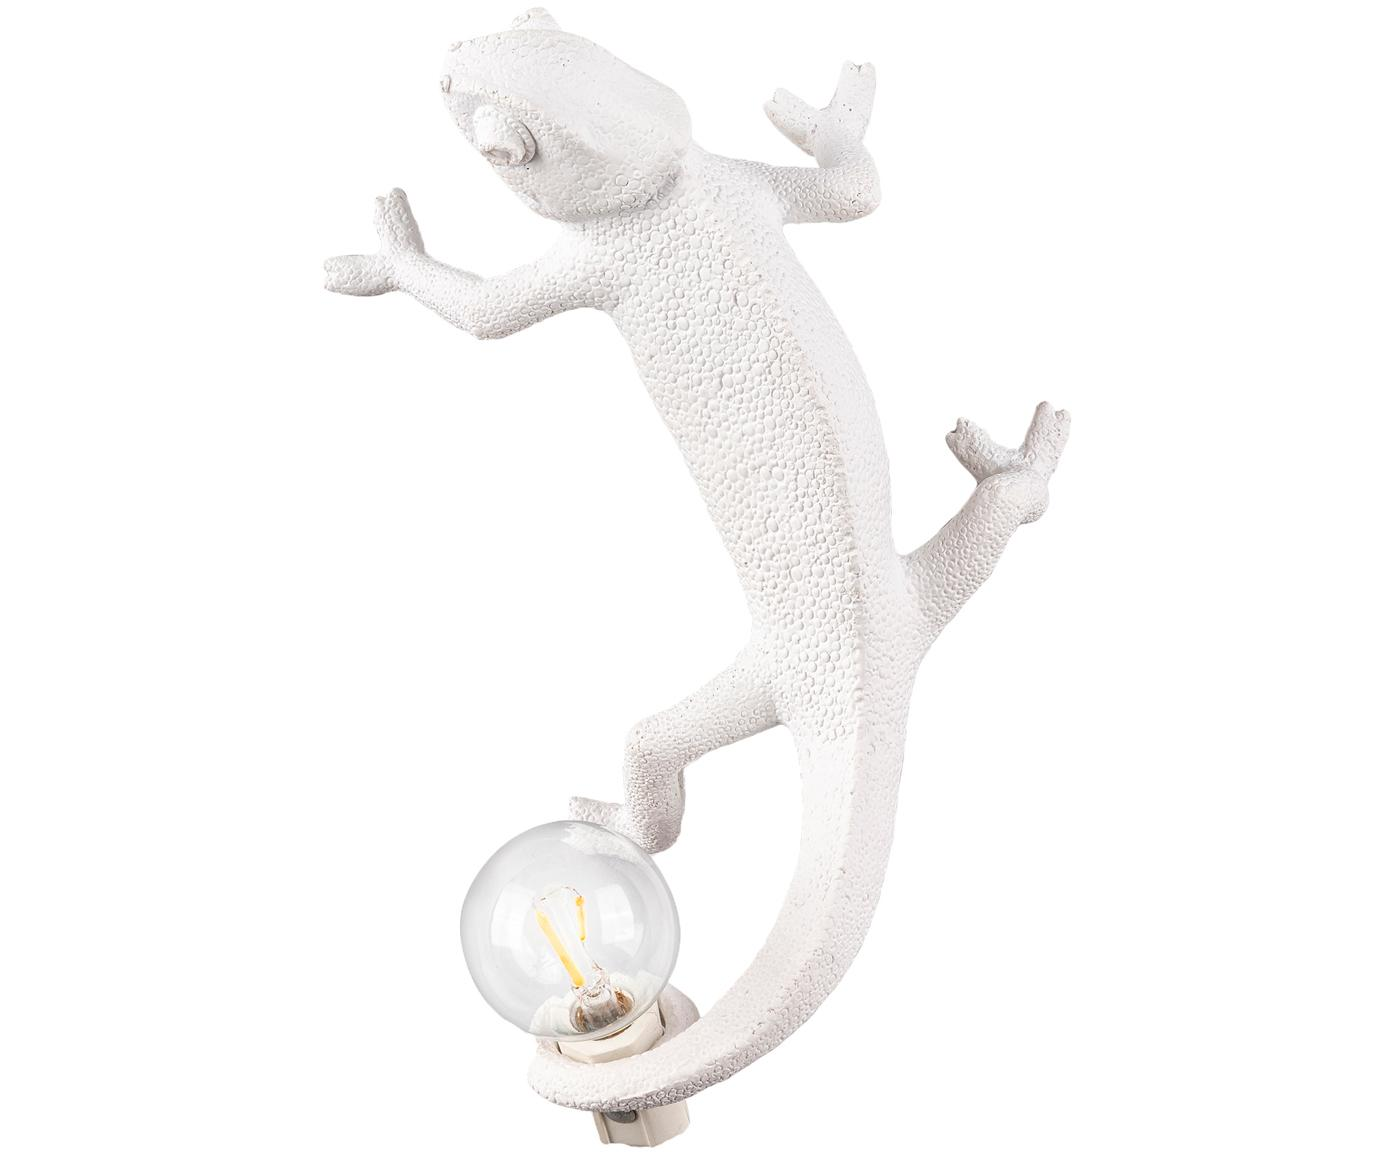 Wandleuchte Chameleon mit Stecker, Polyresin, Weiß, 7 x 17 cm